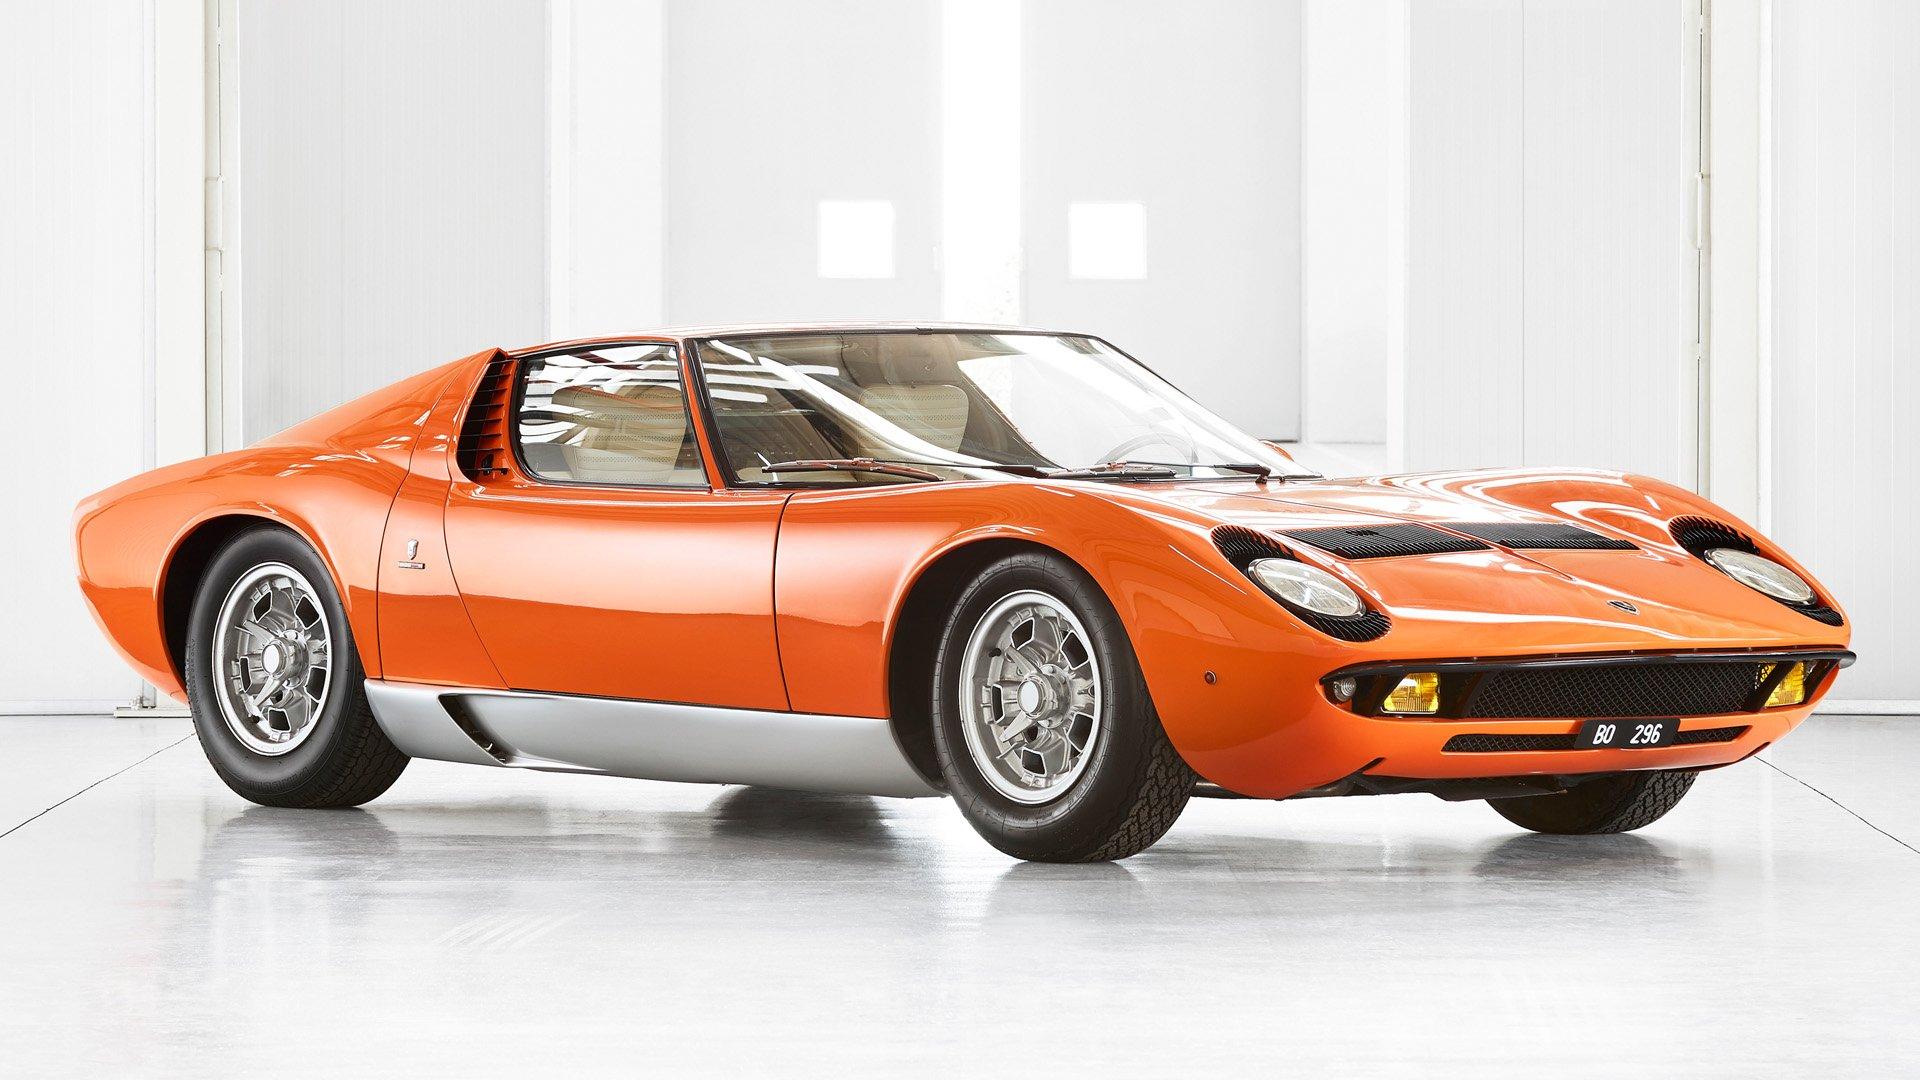 """Confirmado: este es el Lamborghini Miura de """"The Italian Job"""""""